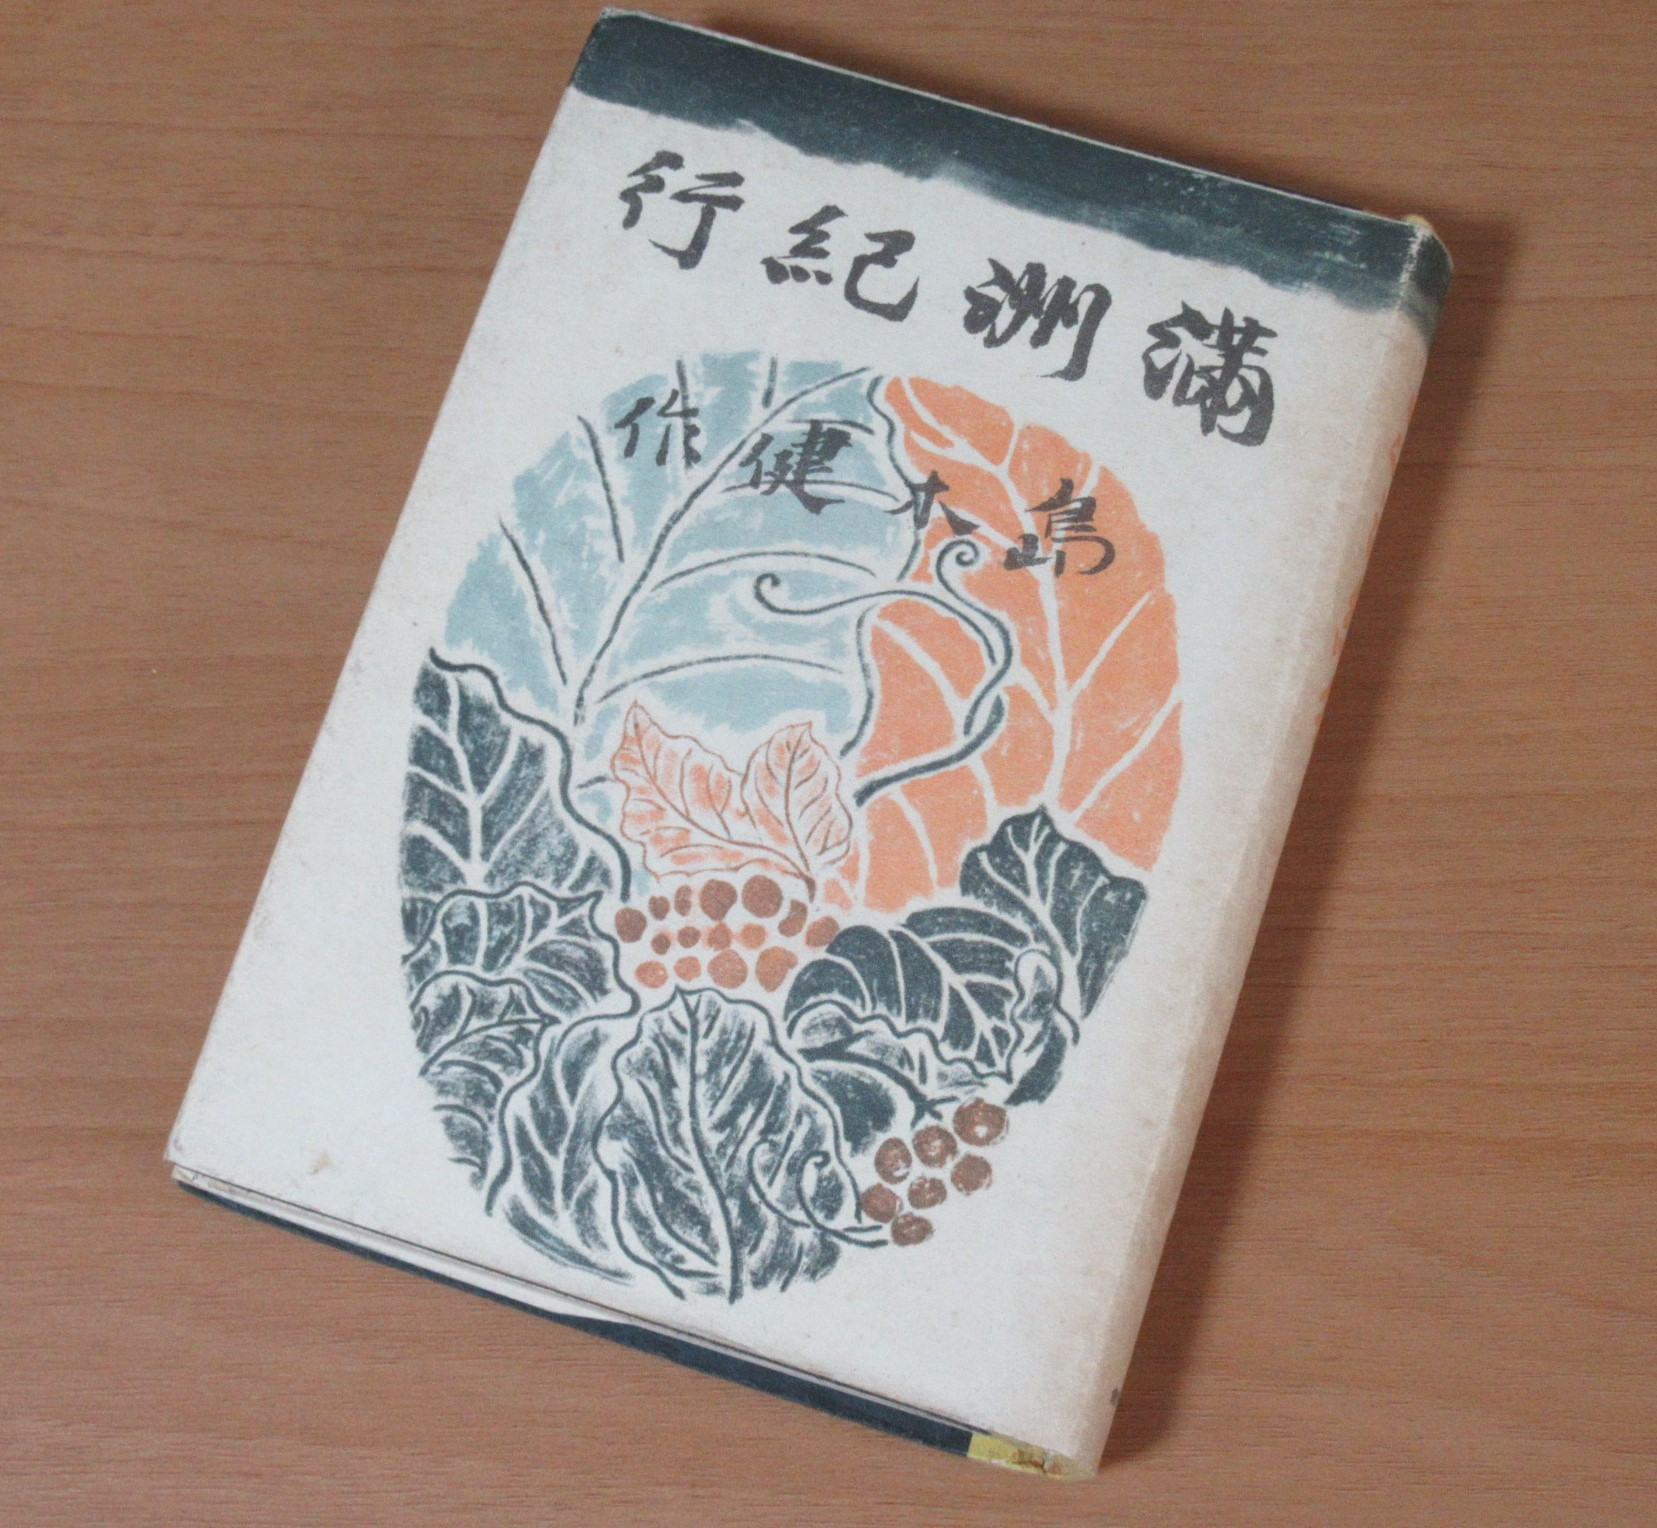 満州紀行 昭和15年15版 島木健作 創元社 装丁青山二郎